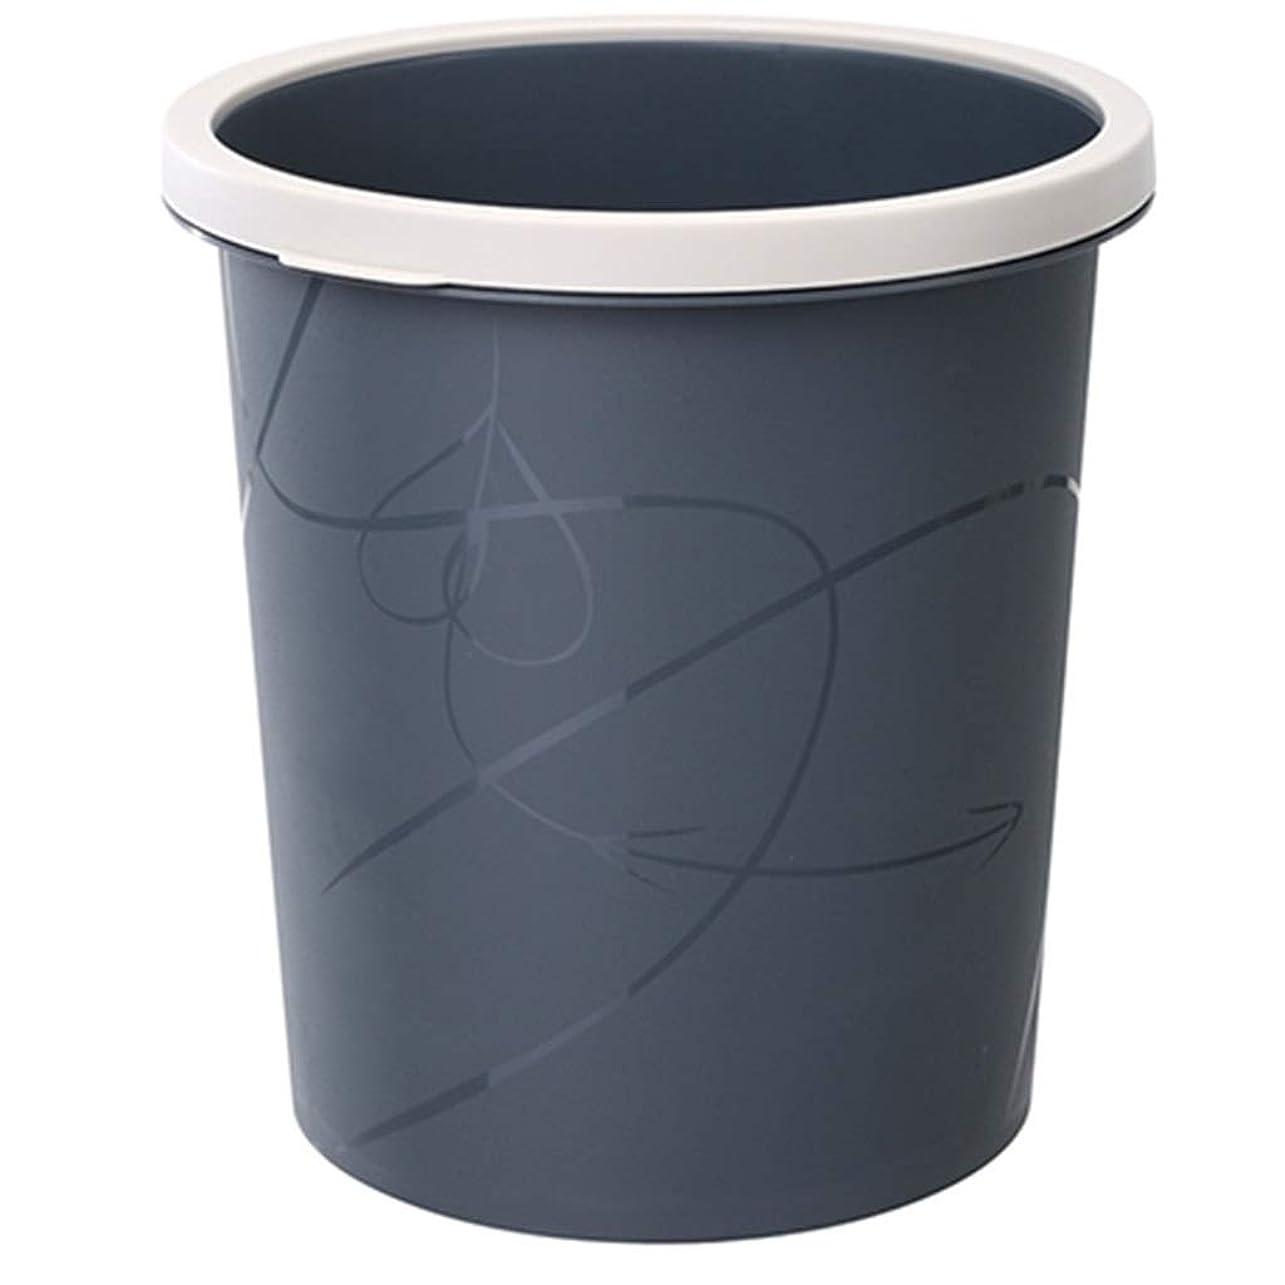 与えるレビュアーモディッシュゴミ箱プラスチックゴミ箱、表面印刷パターンとプレスリングデザイン、キッチンリビングルームのバスルーム ヒューヒーロー (Color : Metallic)